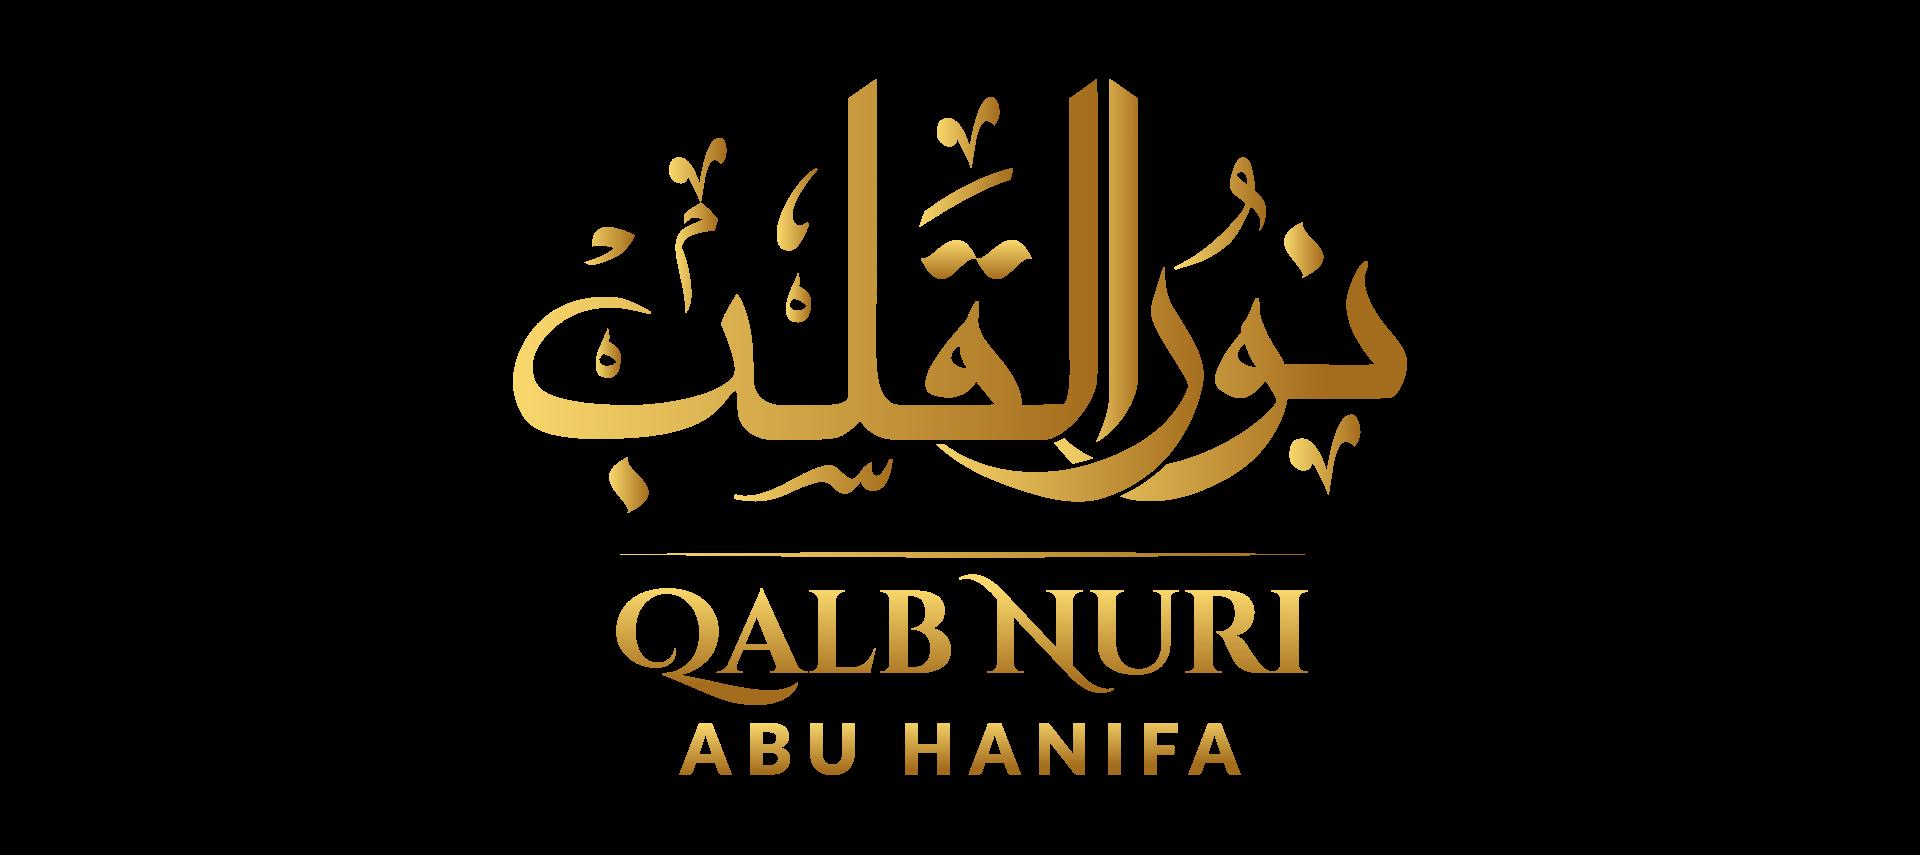 Qalb Nuri